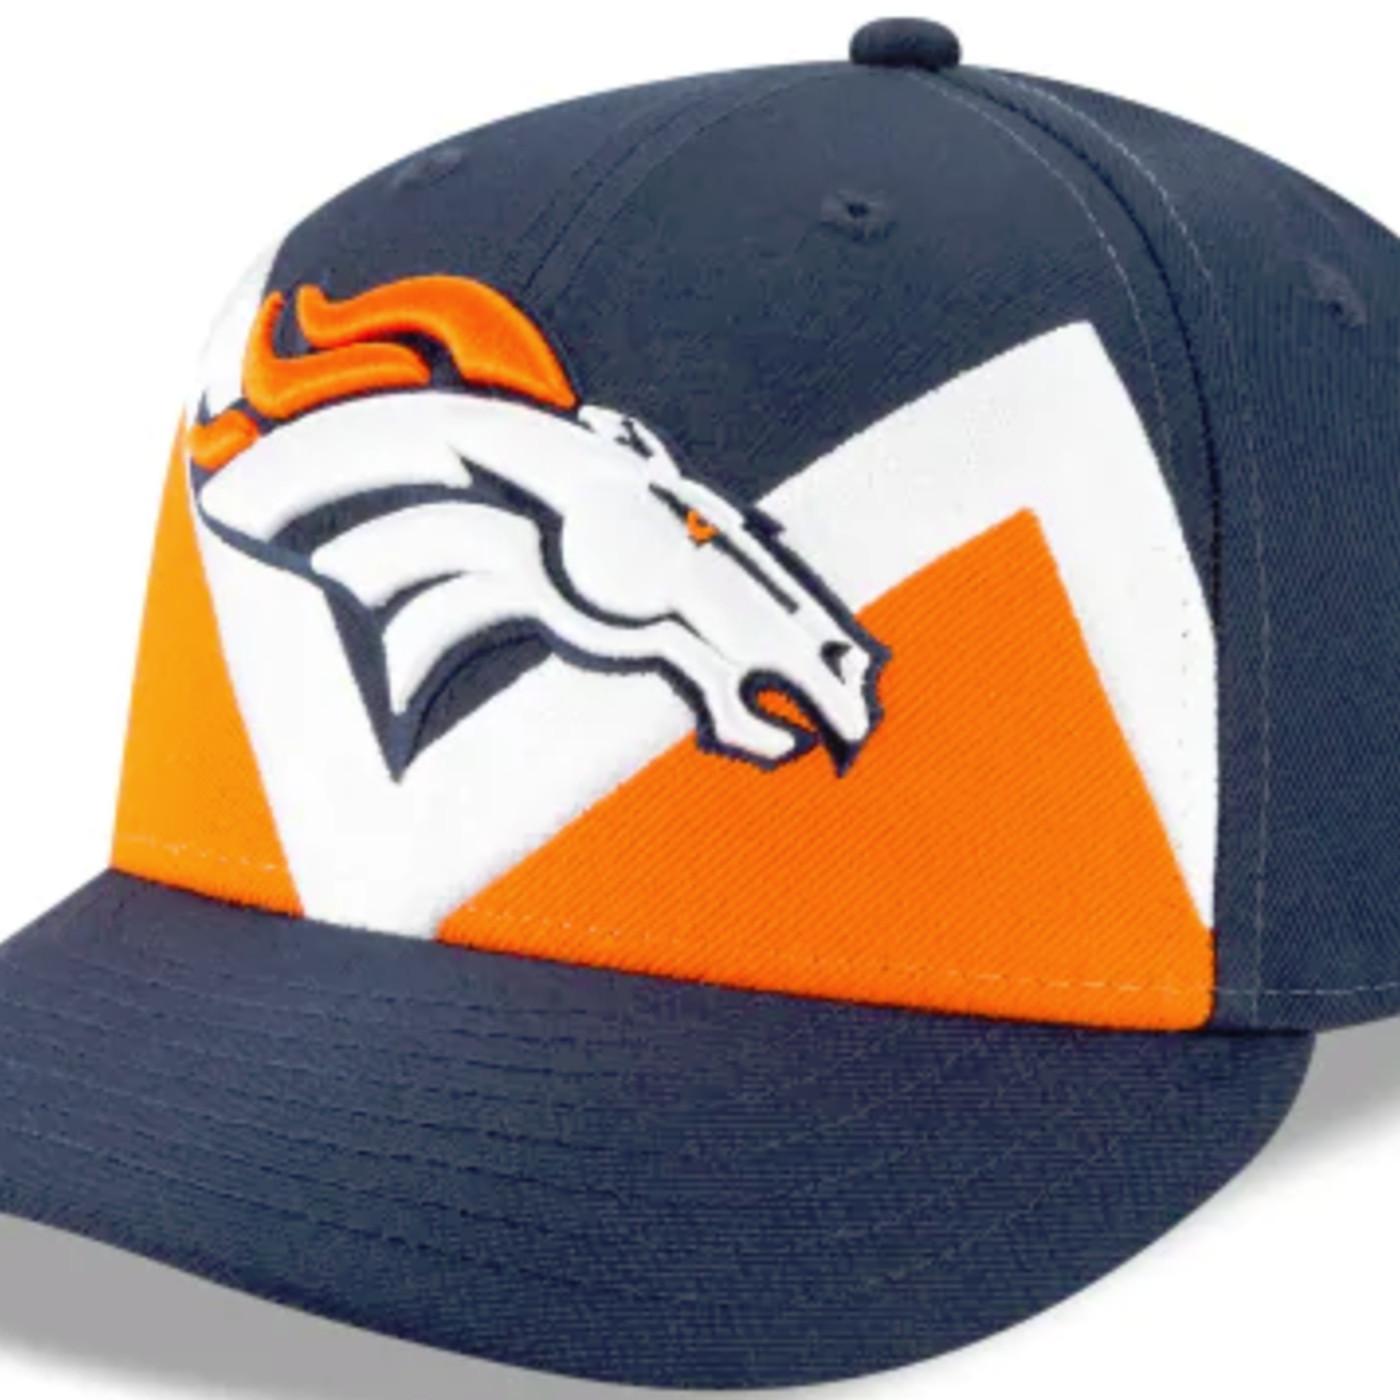 2333bbd3 Denver Broncos 2019 NFL draft hats revealed - Mile High Report